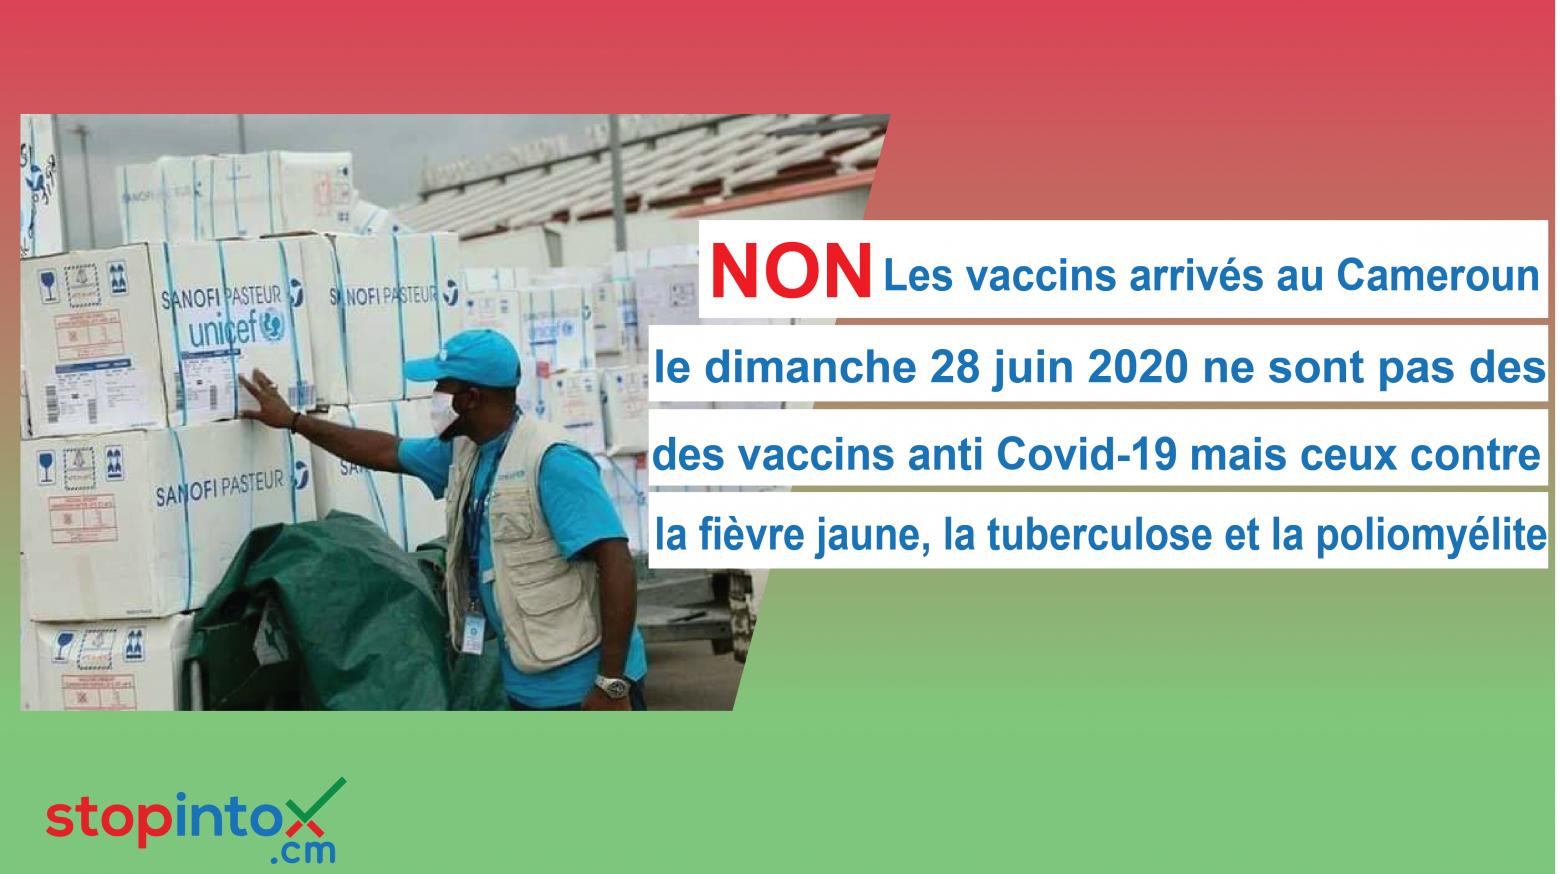 NON, les vaccins arrivés au Cameroun le dimanche 28 juin 2020 ne sont pas des vaccins anti Covid-19 mais ceux contre la fièvre jaune, la tuberculose et la poliomyélite